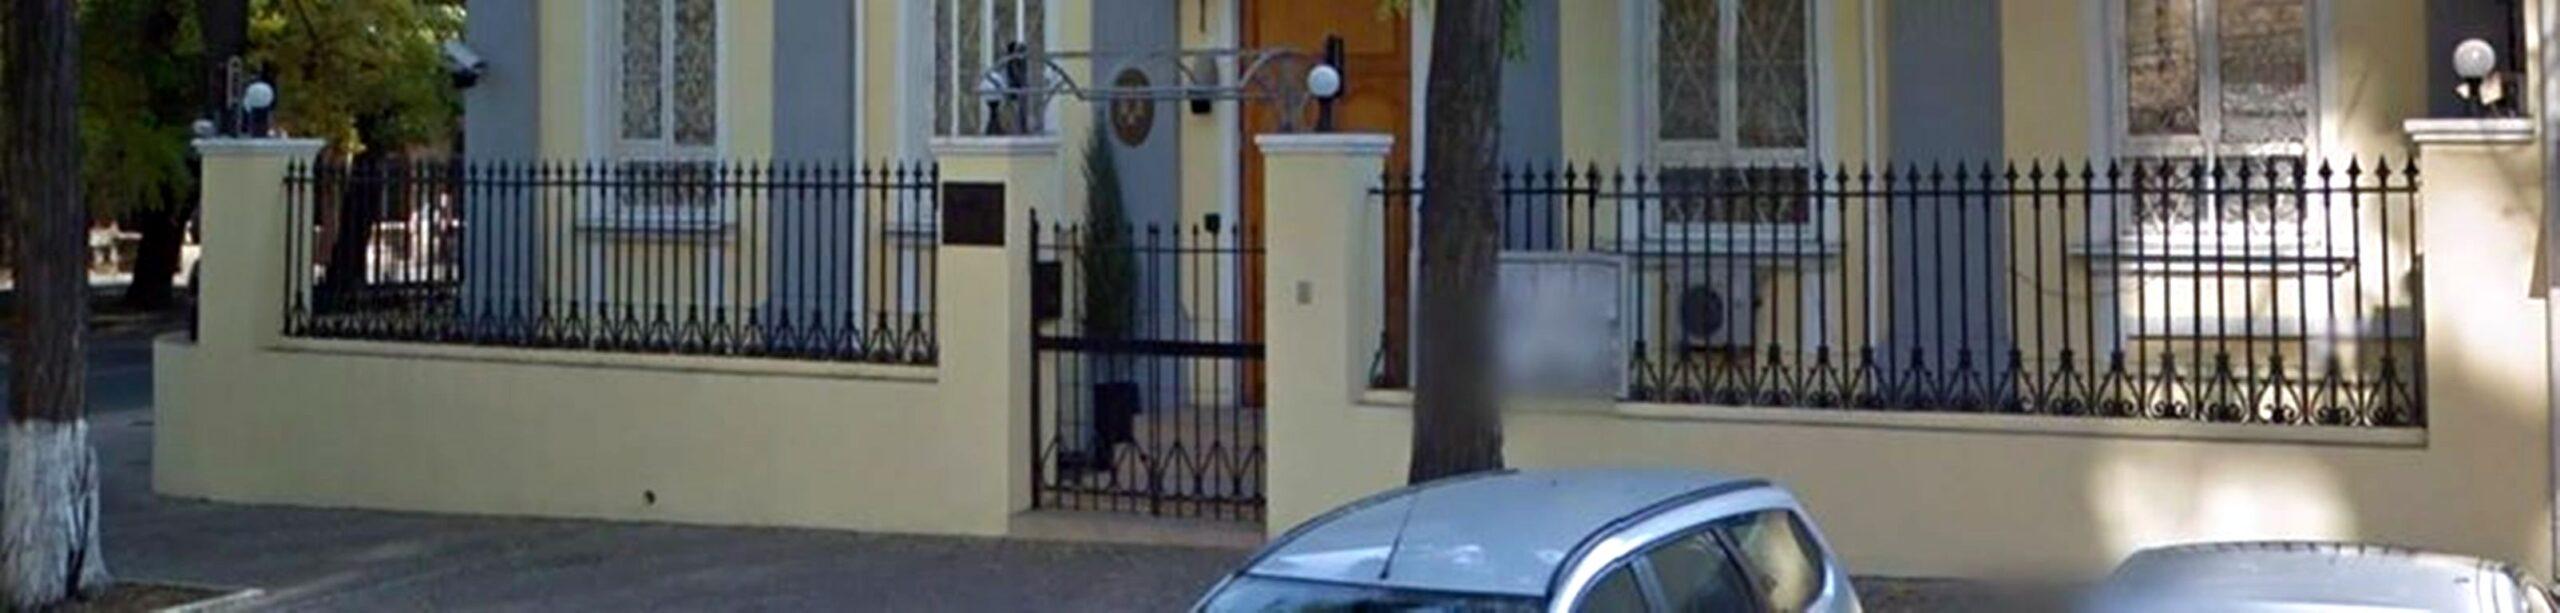 Часть ограды усадьбы Воронцовых в Одессе ныне украшает Генеральное консульство Румынии (угол улиц Базарной и Осипова в Одессе)